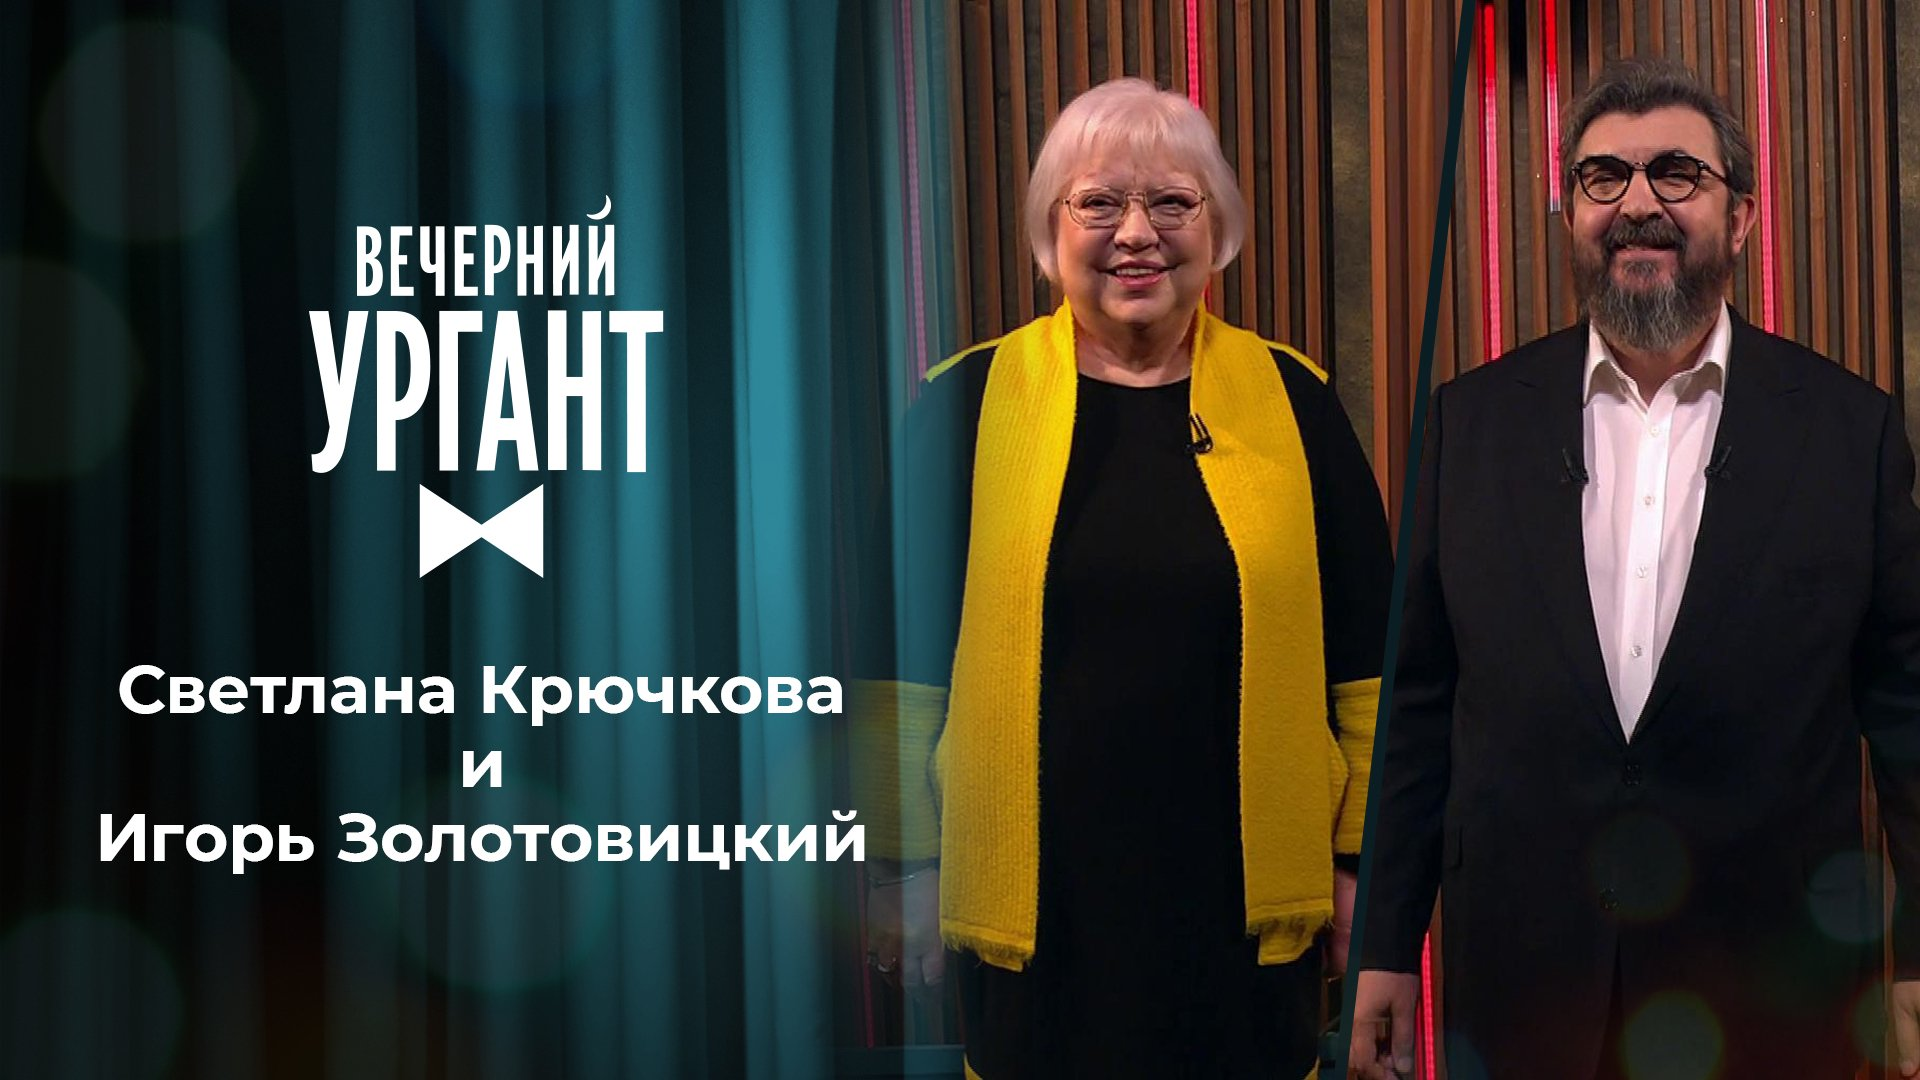 «Вечерний Ургант». Светлана Крючкова иИгорь Золотовицкий